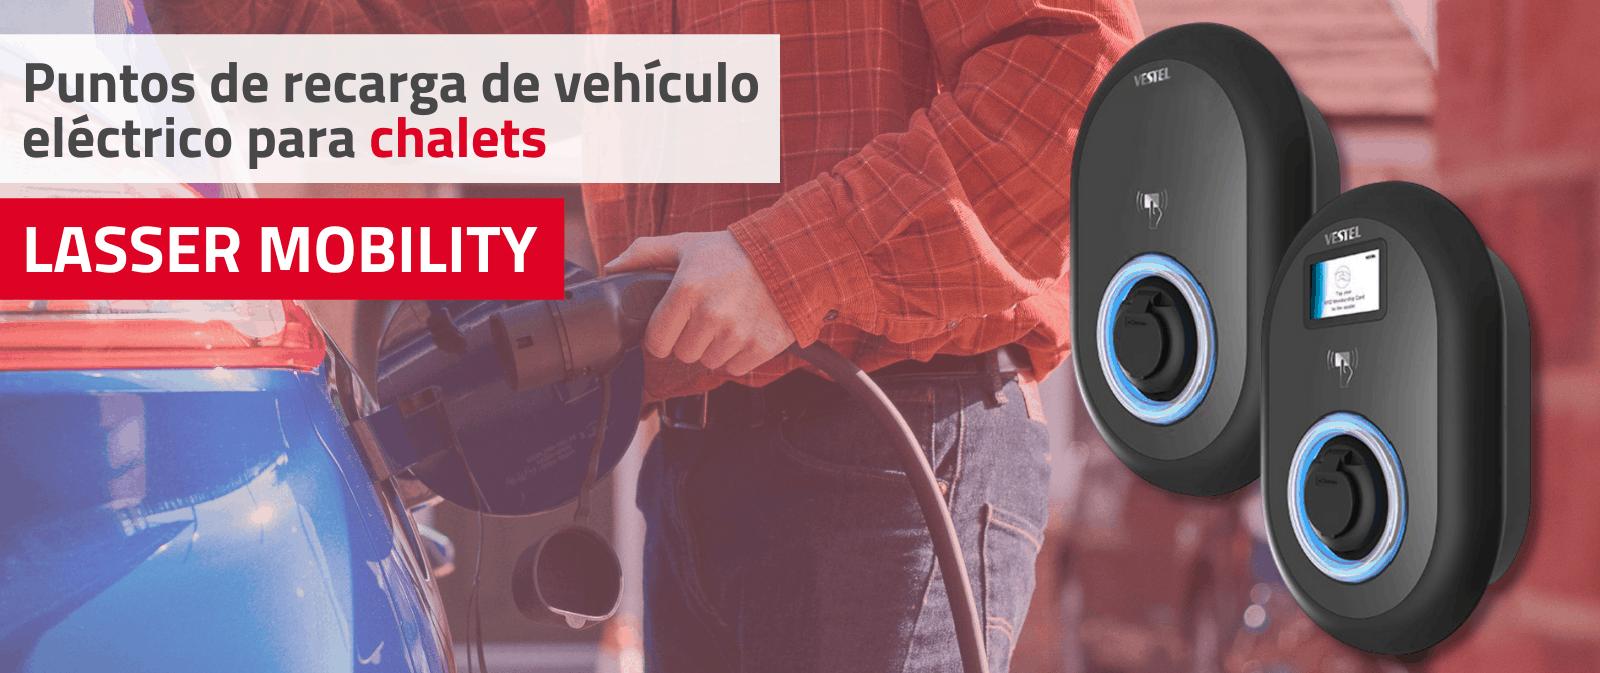 Recarga de vehículo eléctrico para chalets